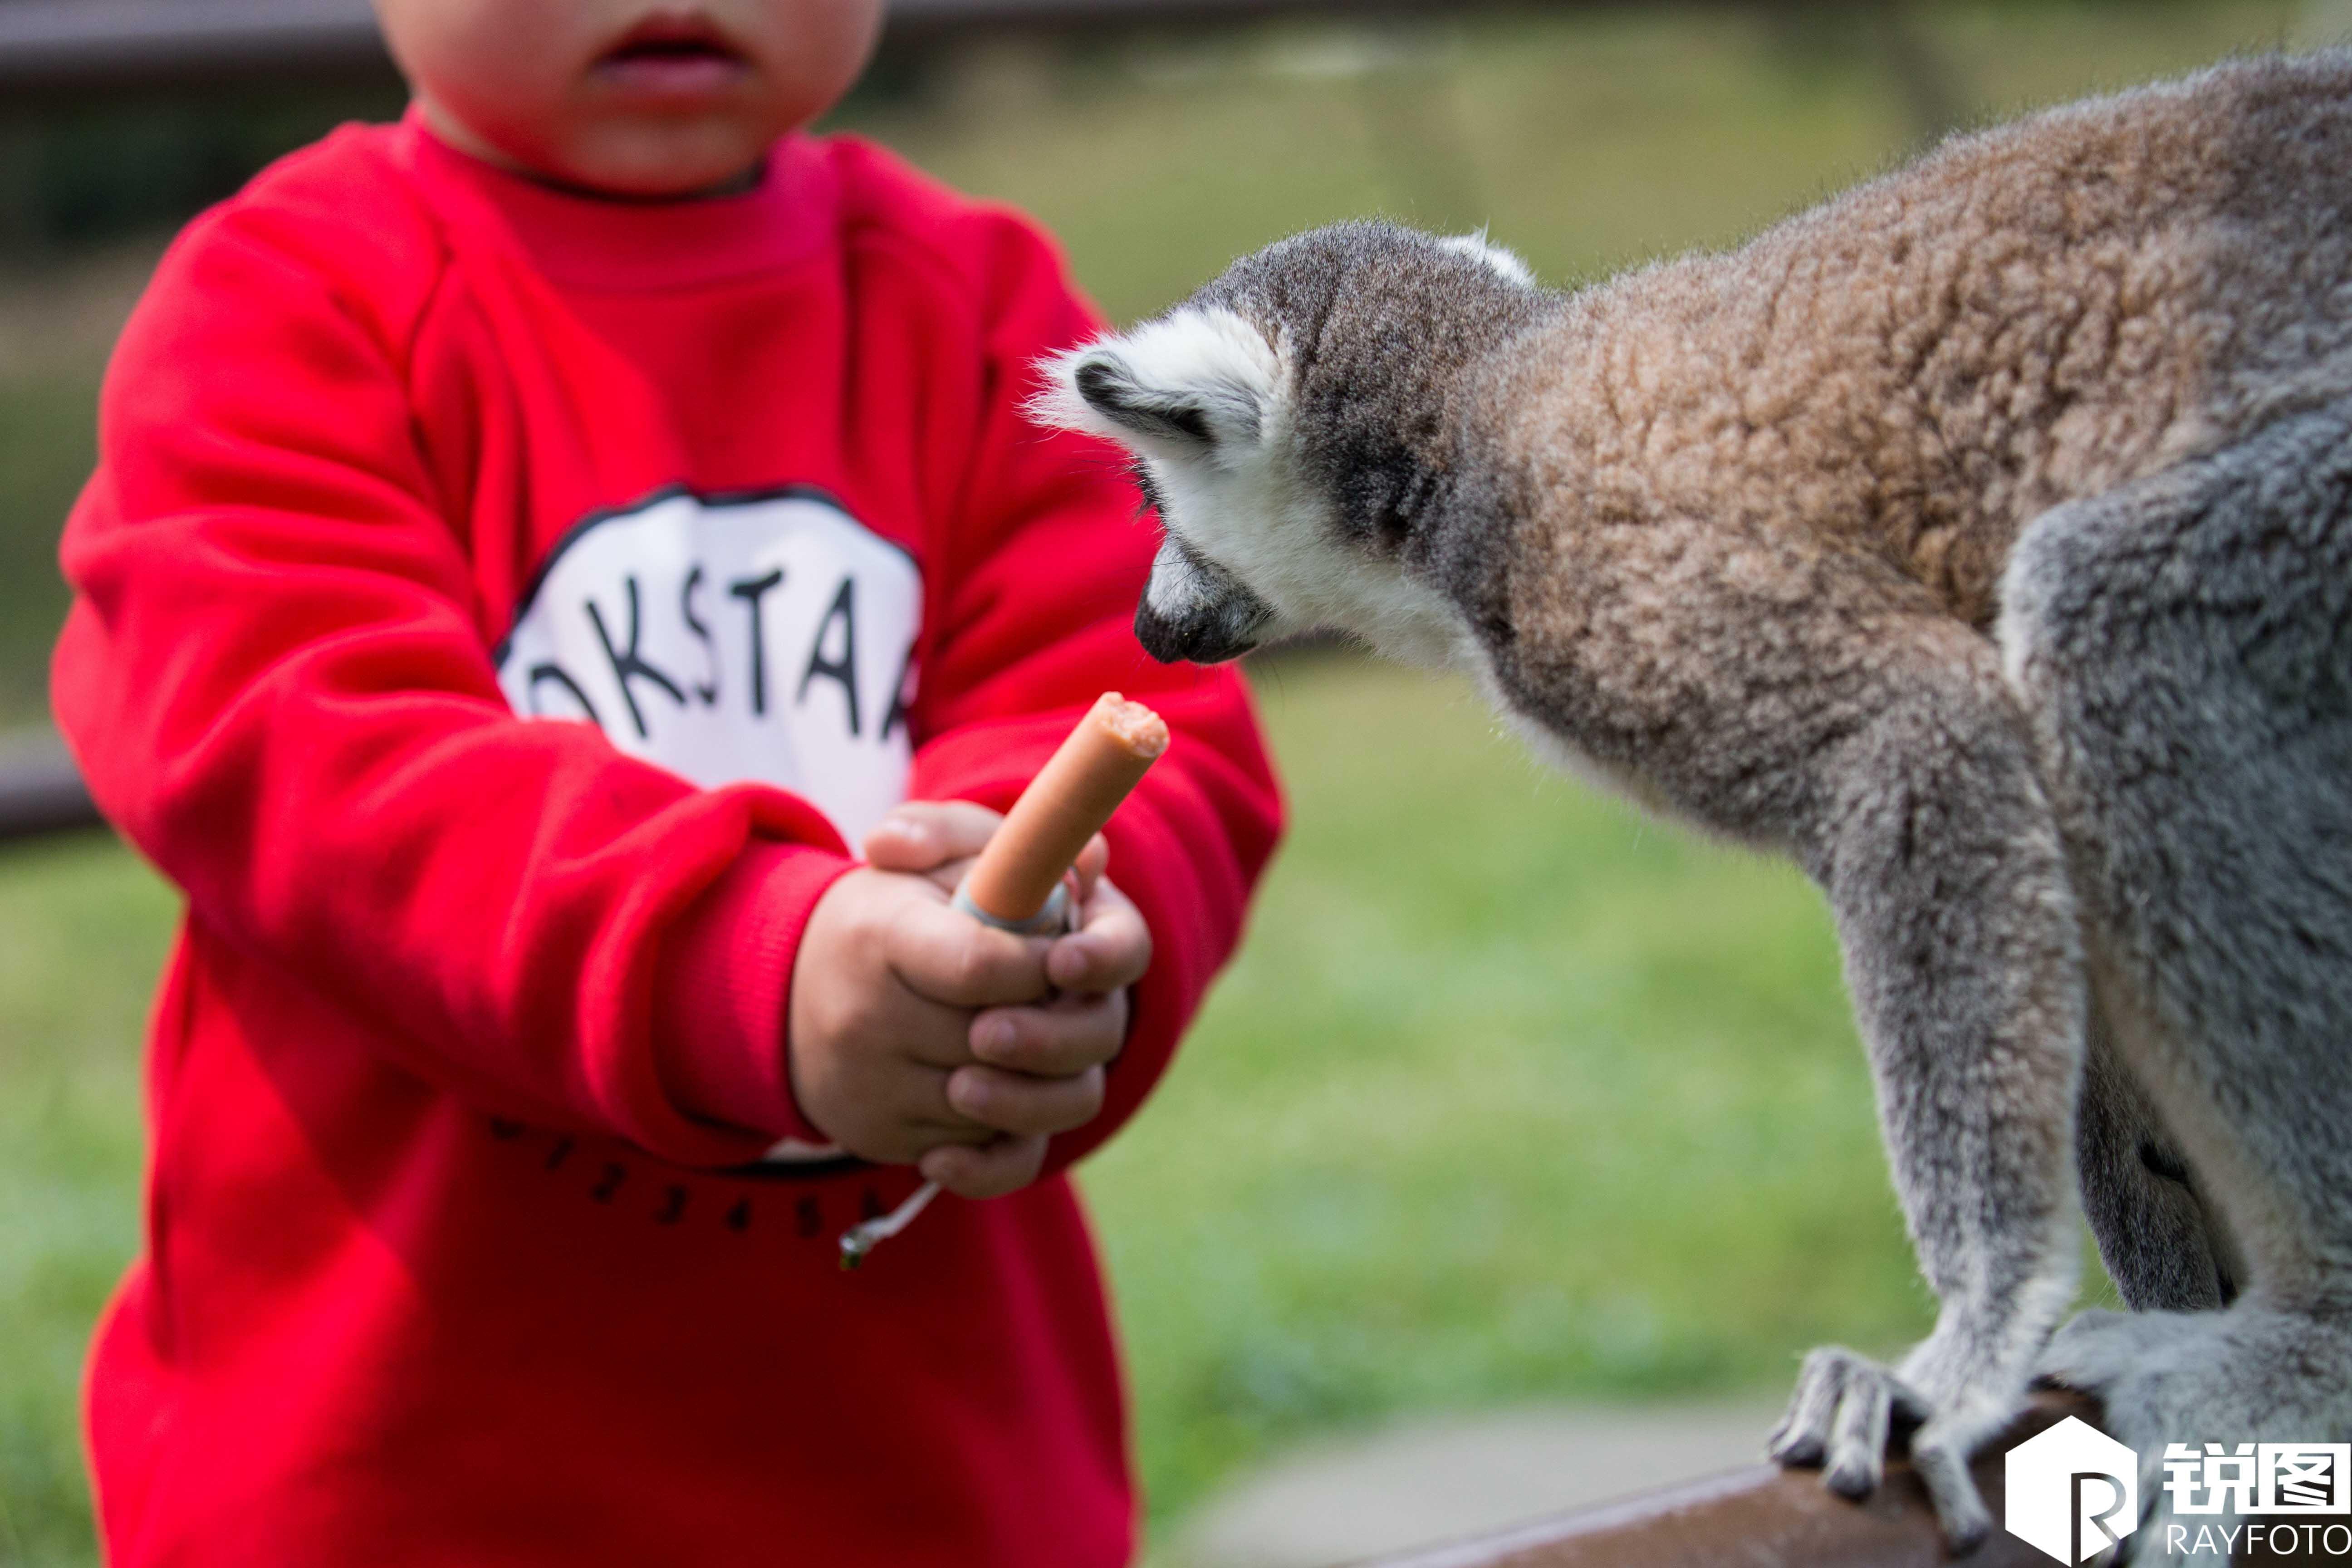 游客动物园里肆意喂食 猴子都快被喂成人精了